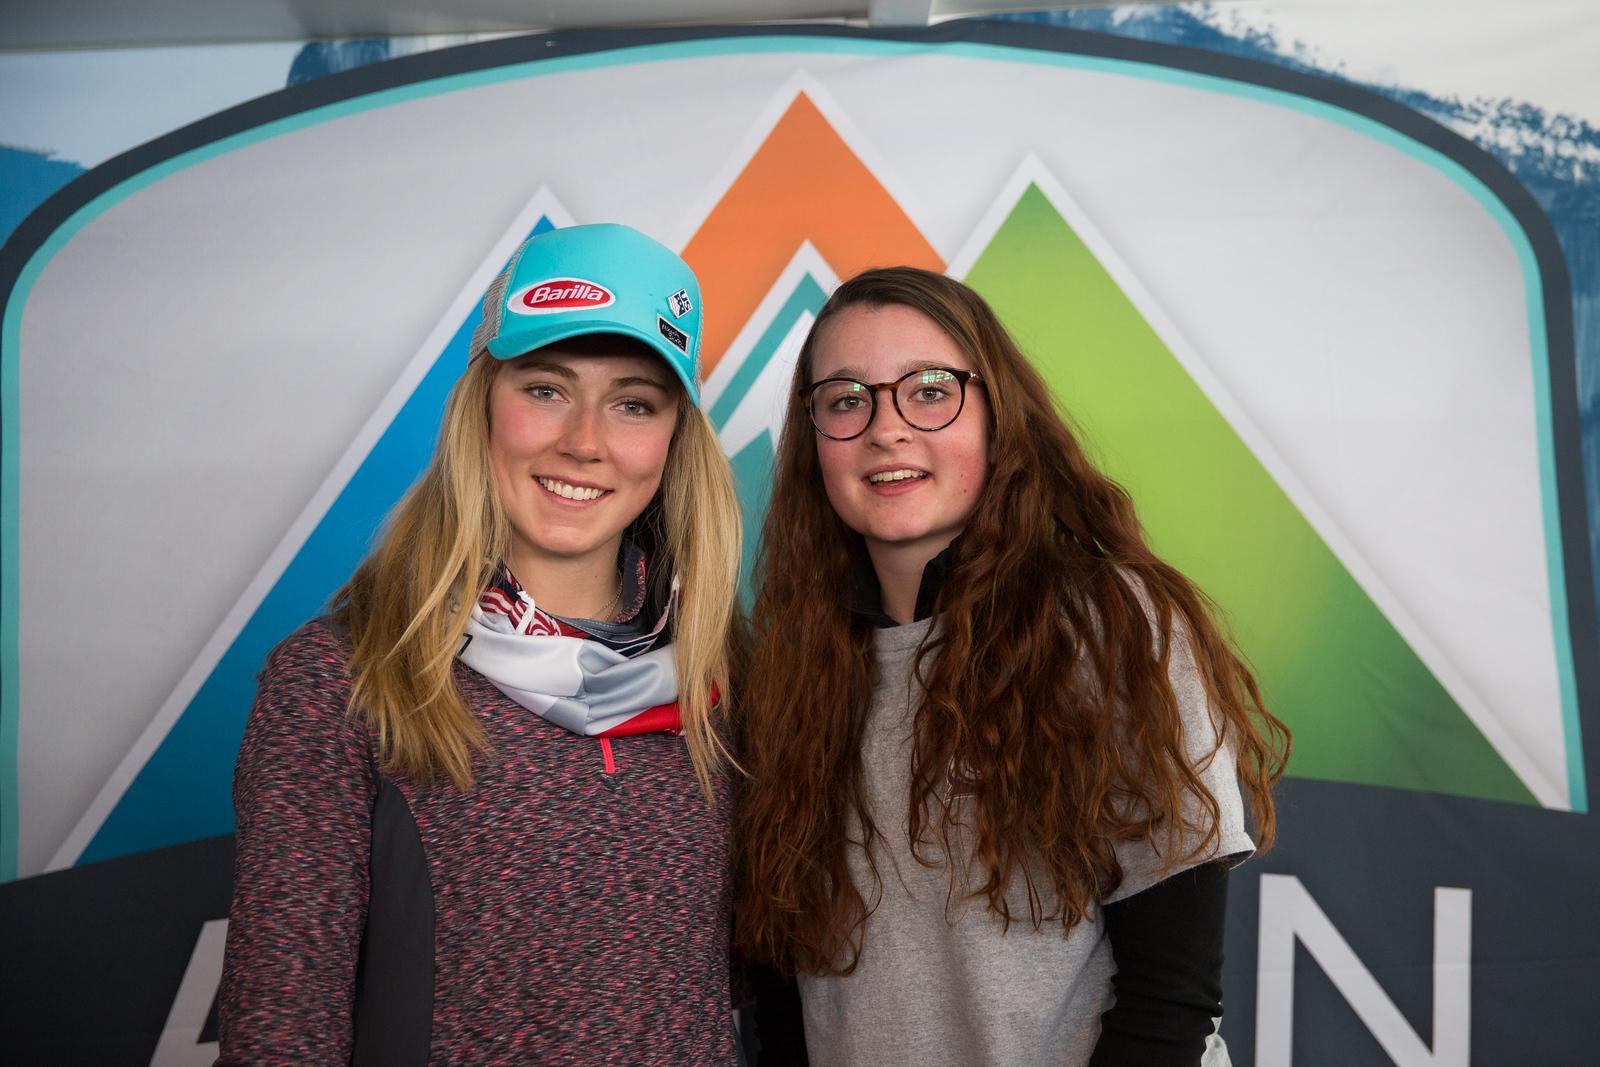 2017 Audi FIS Ski World Cup finals in Aspen, CO. Photo: U.S. Ski Team